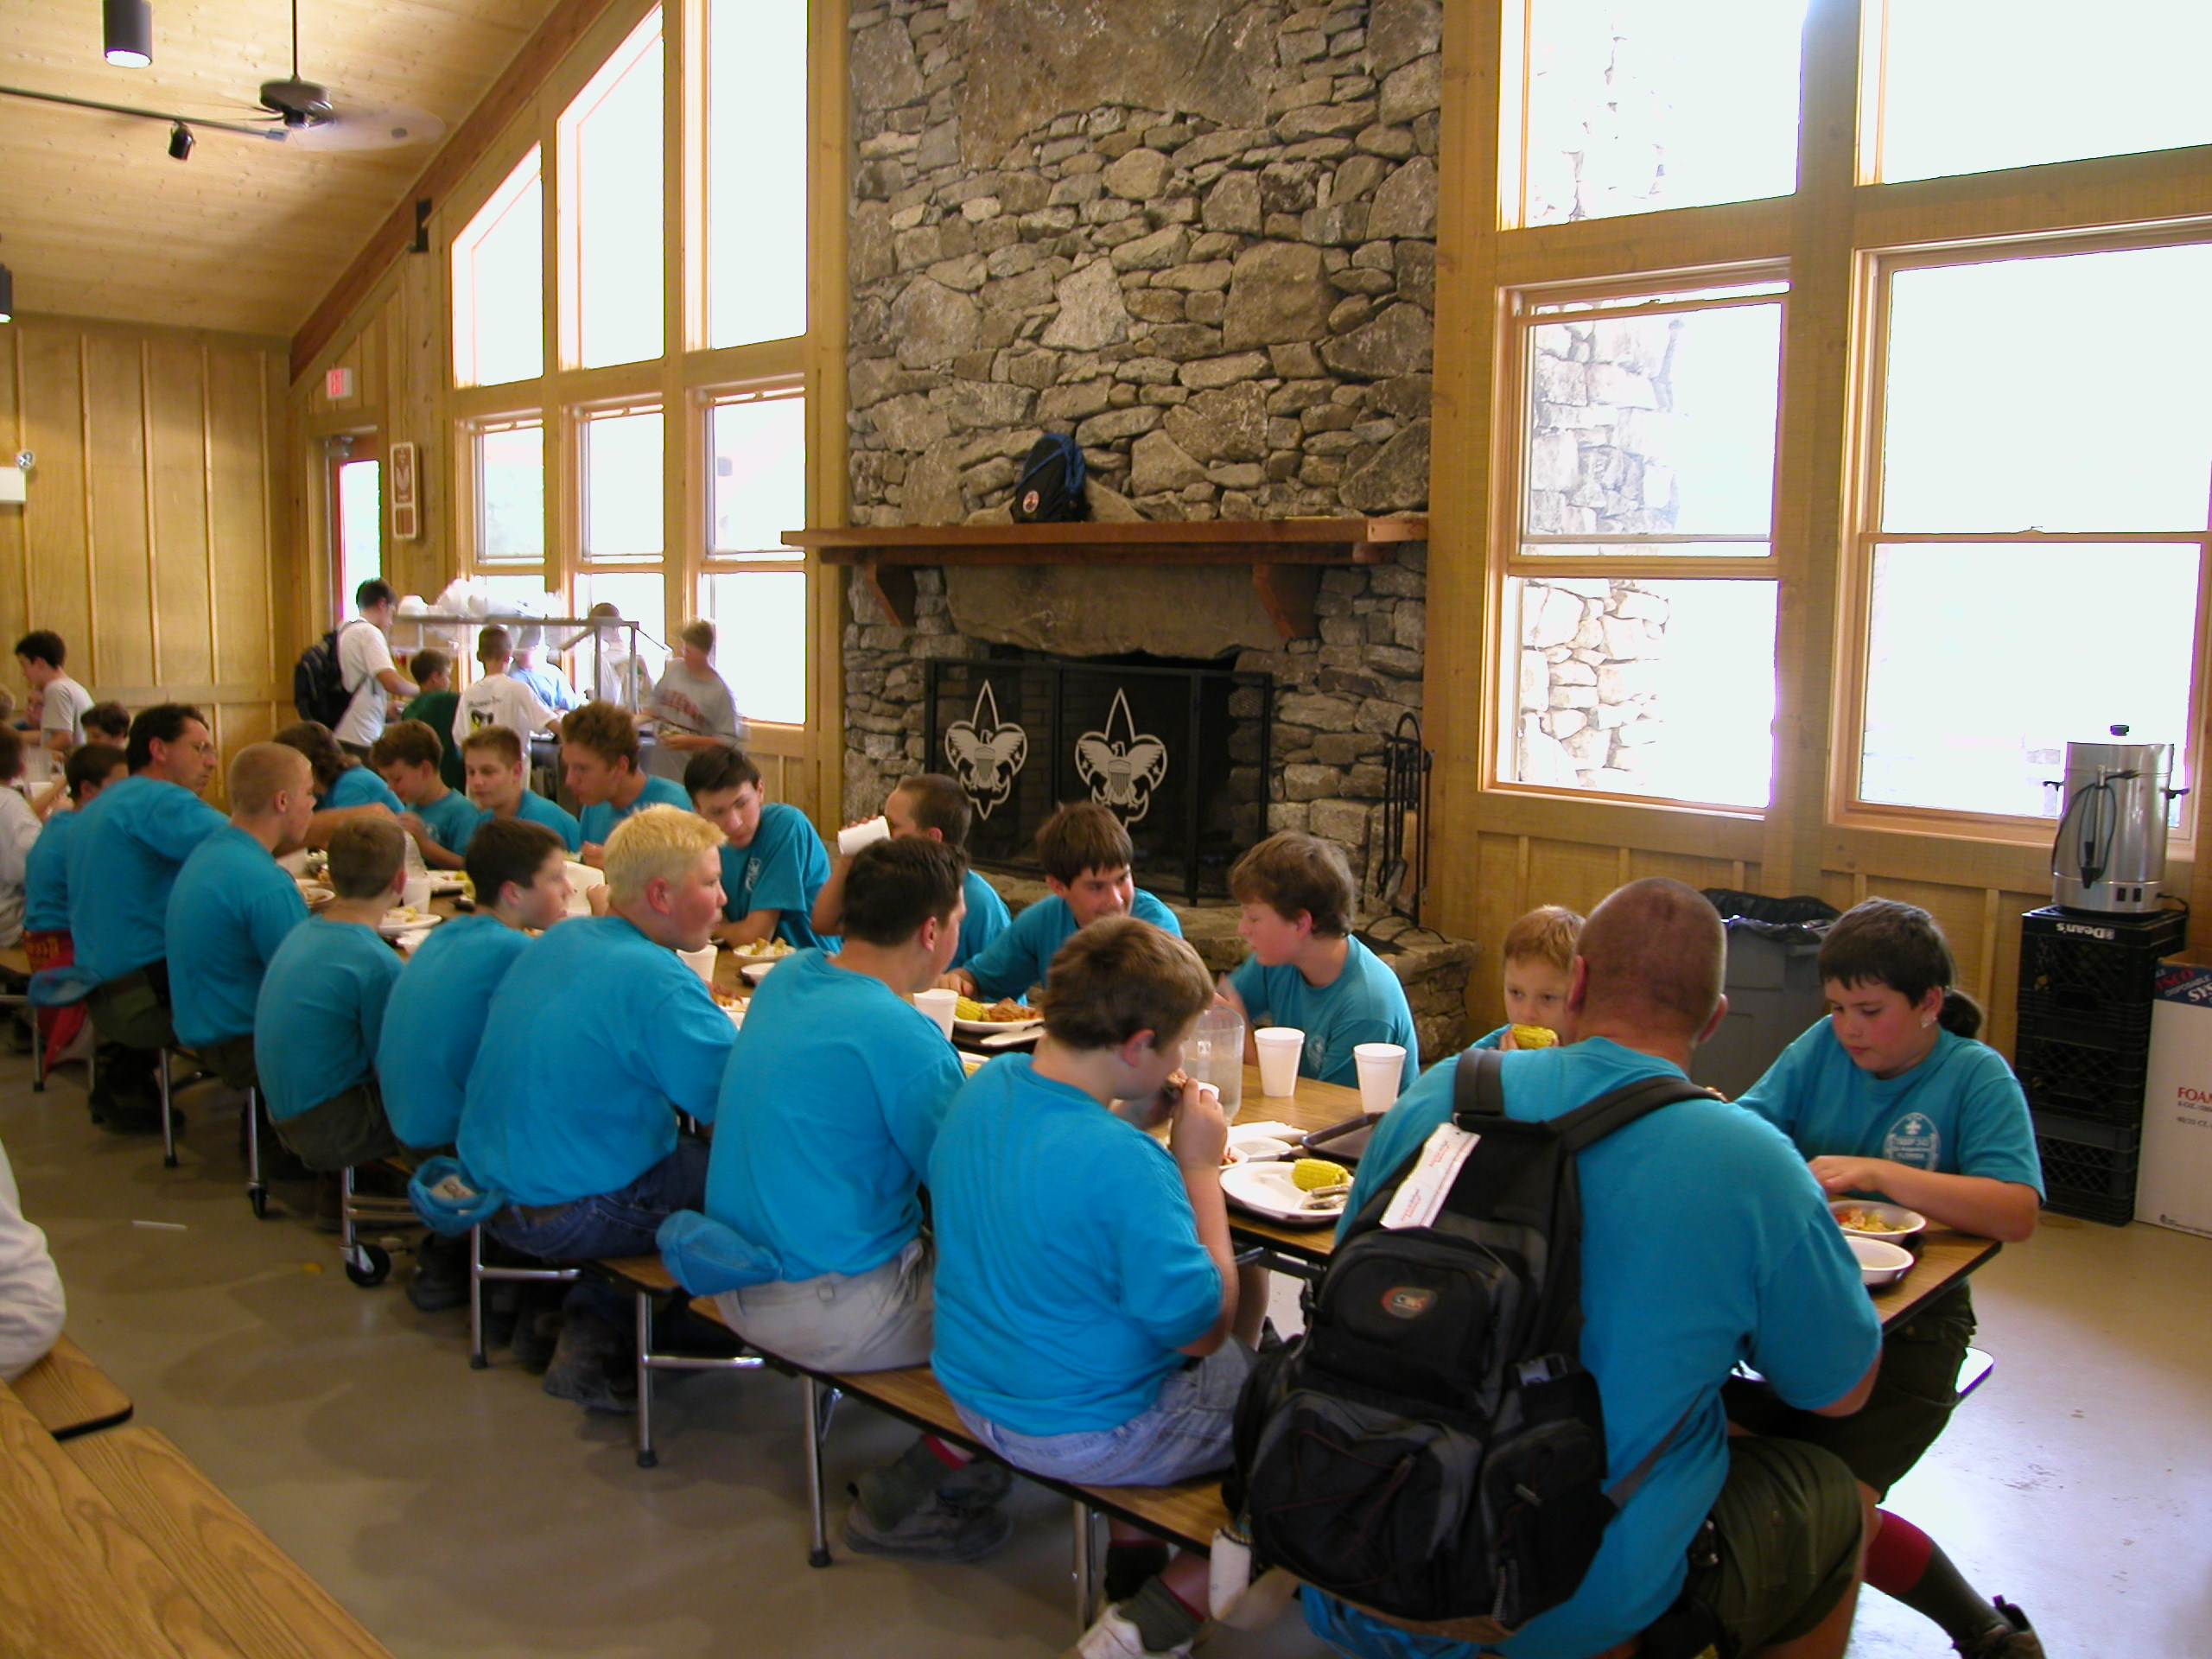 Carleton Collins - Ledbetter Lodge Cafeteria